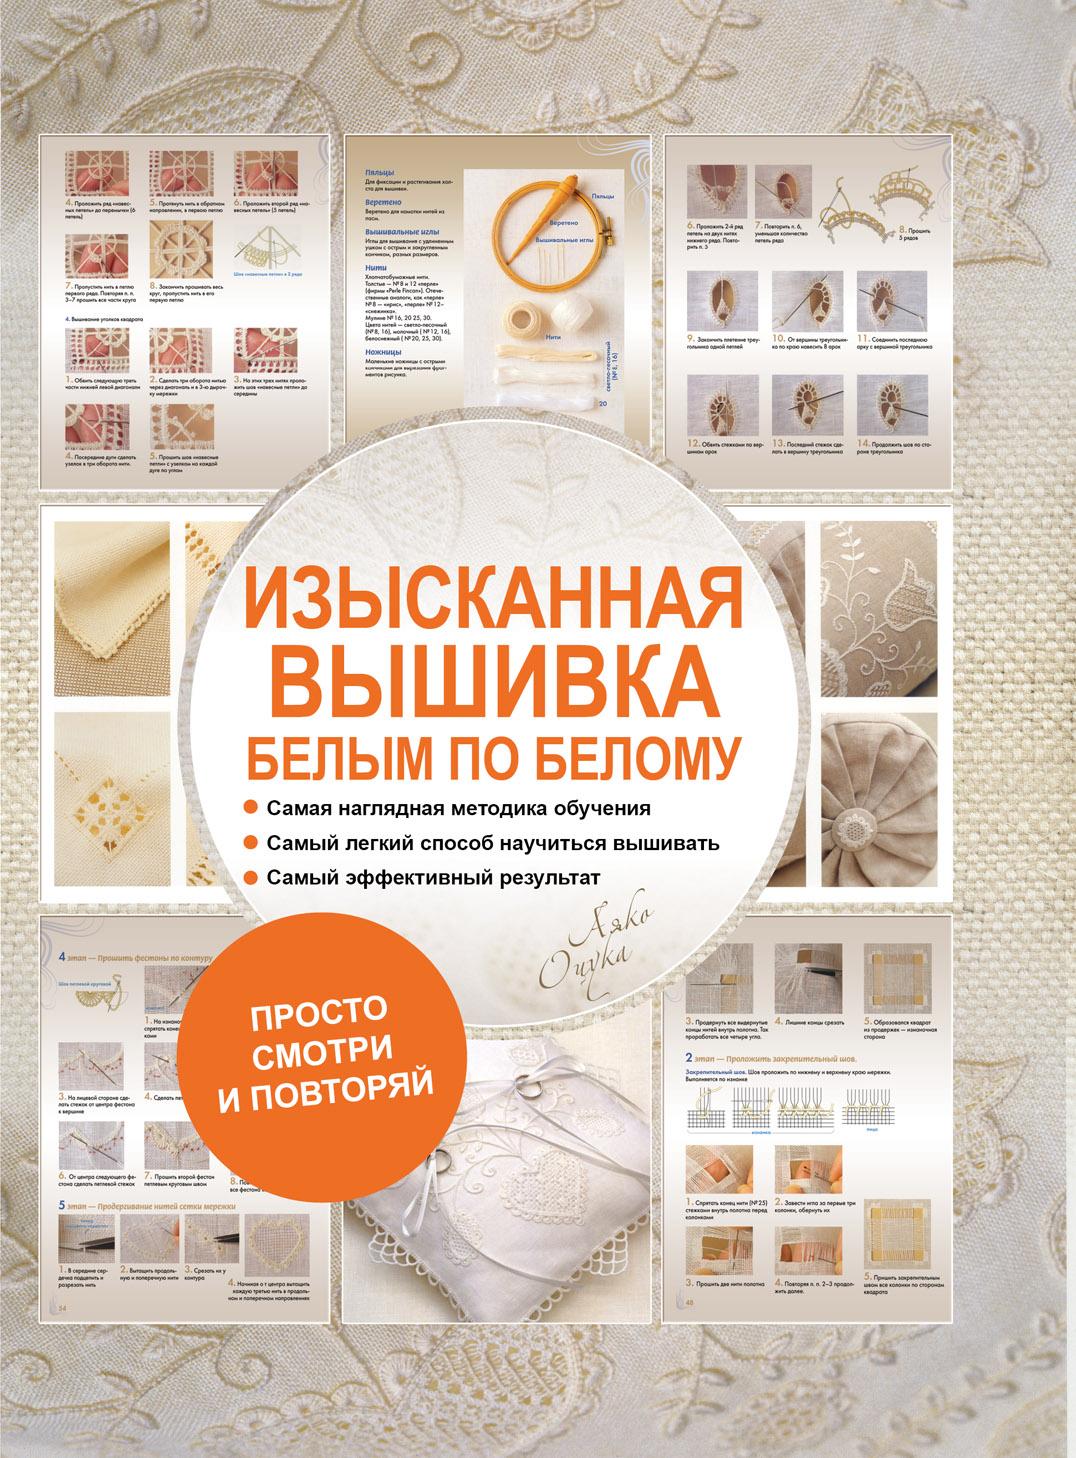 Изысканная вышивка. Белым по белому от book24.ru